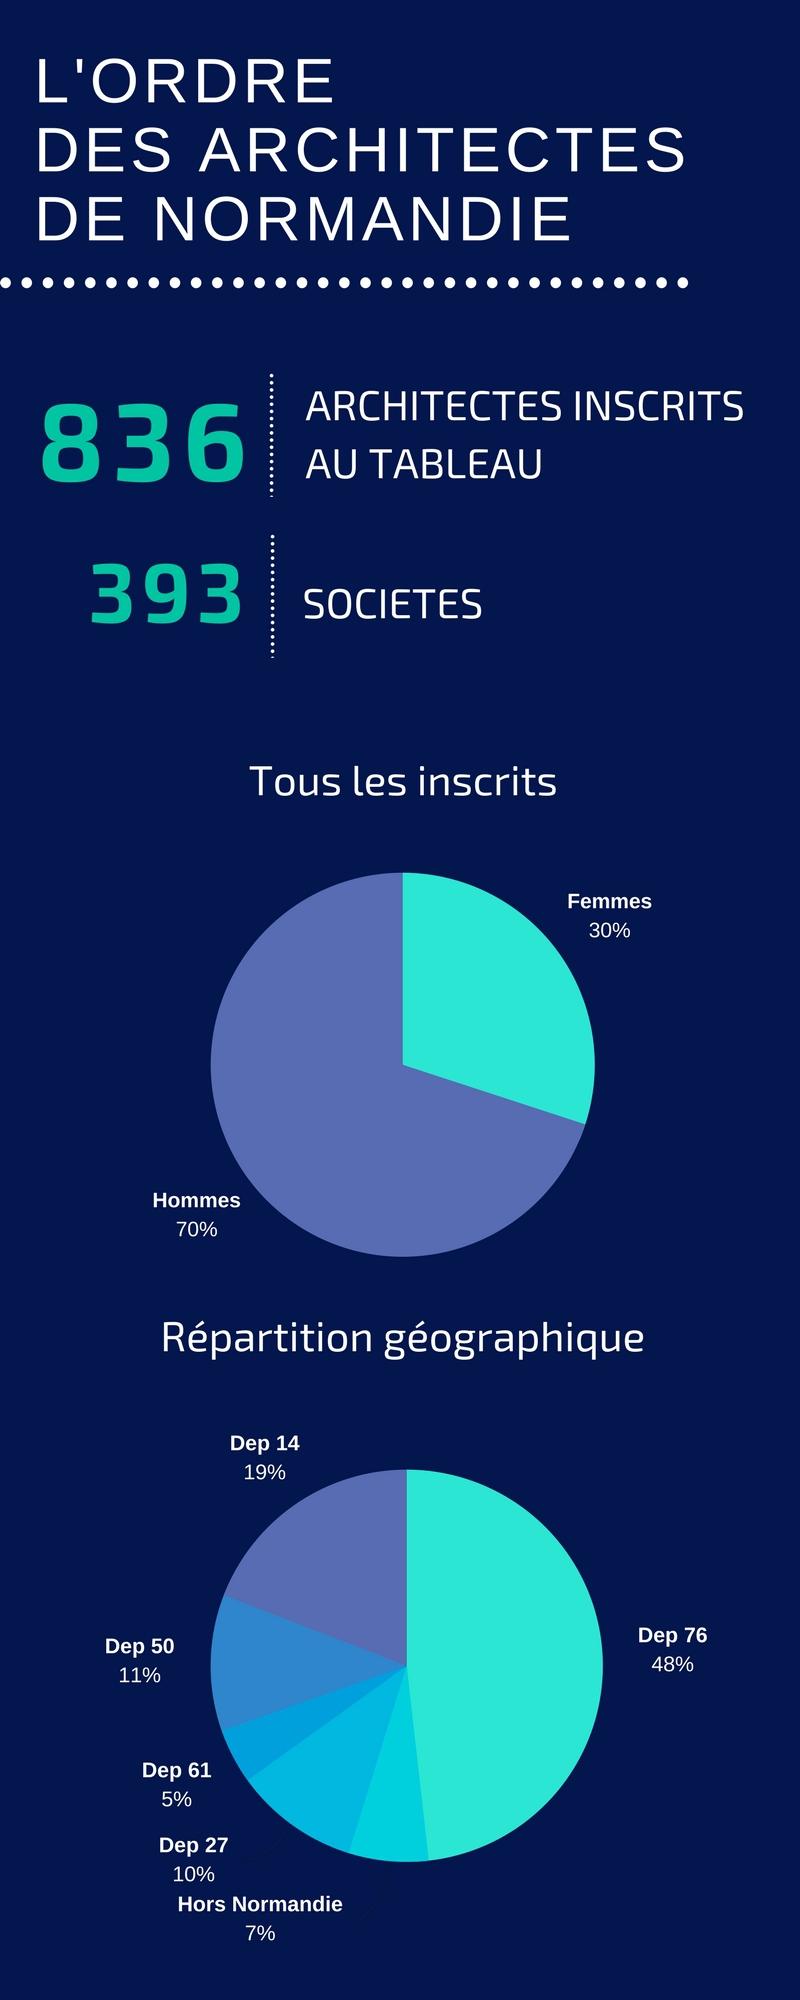 chiffres_clesordre_des_architectes_de_normandie_2.jpg